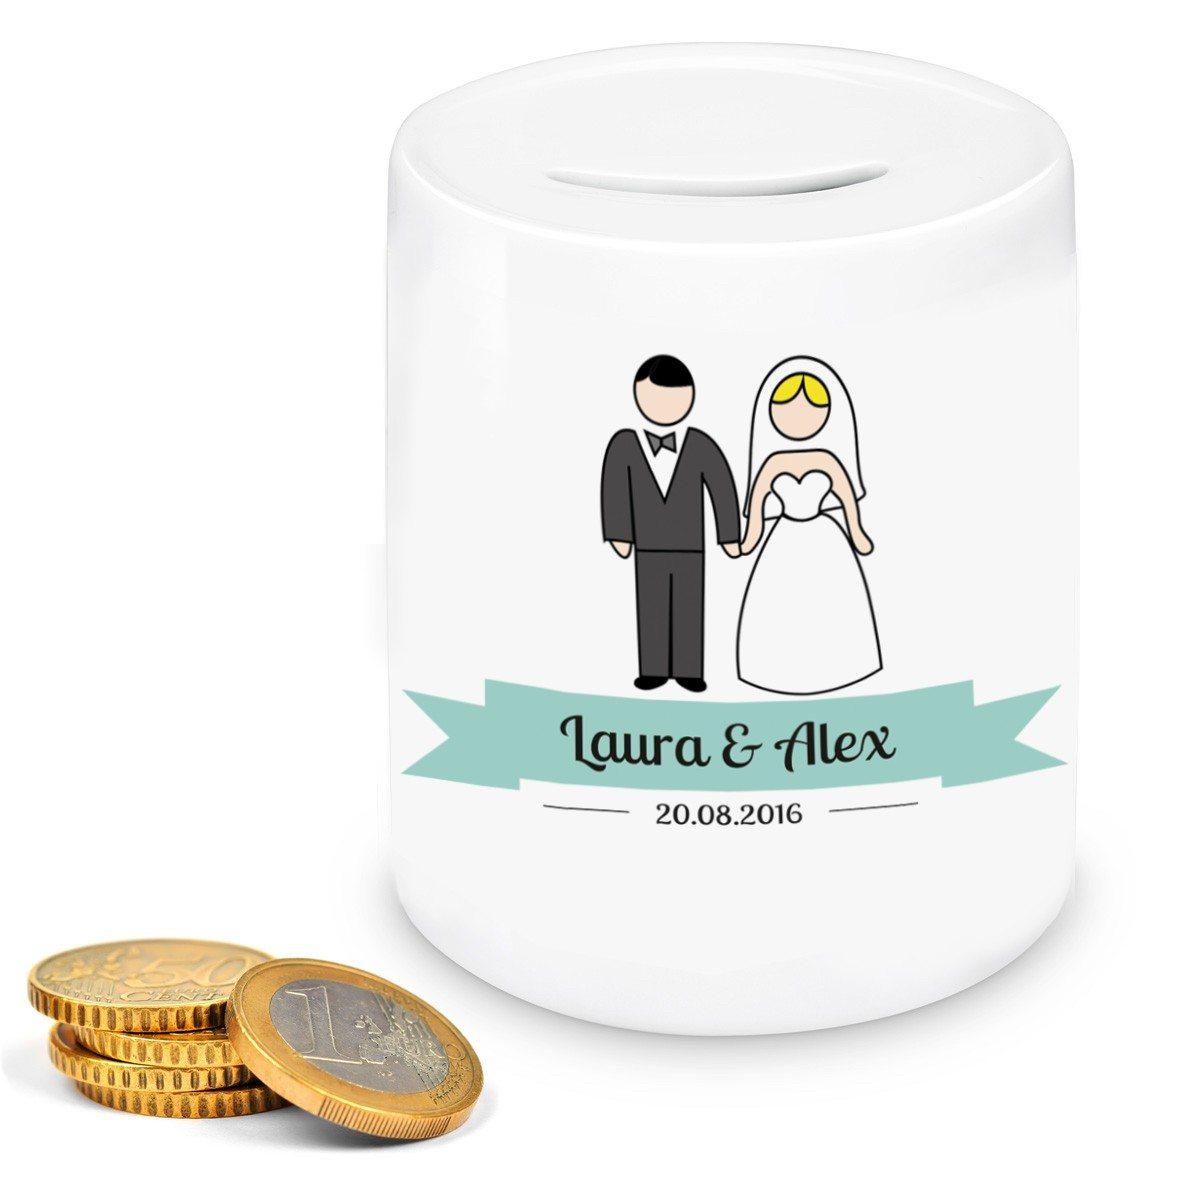 Persönliche Hochzeits-Spardose